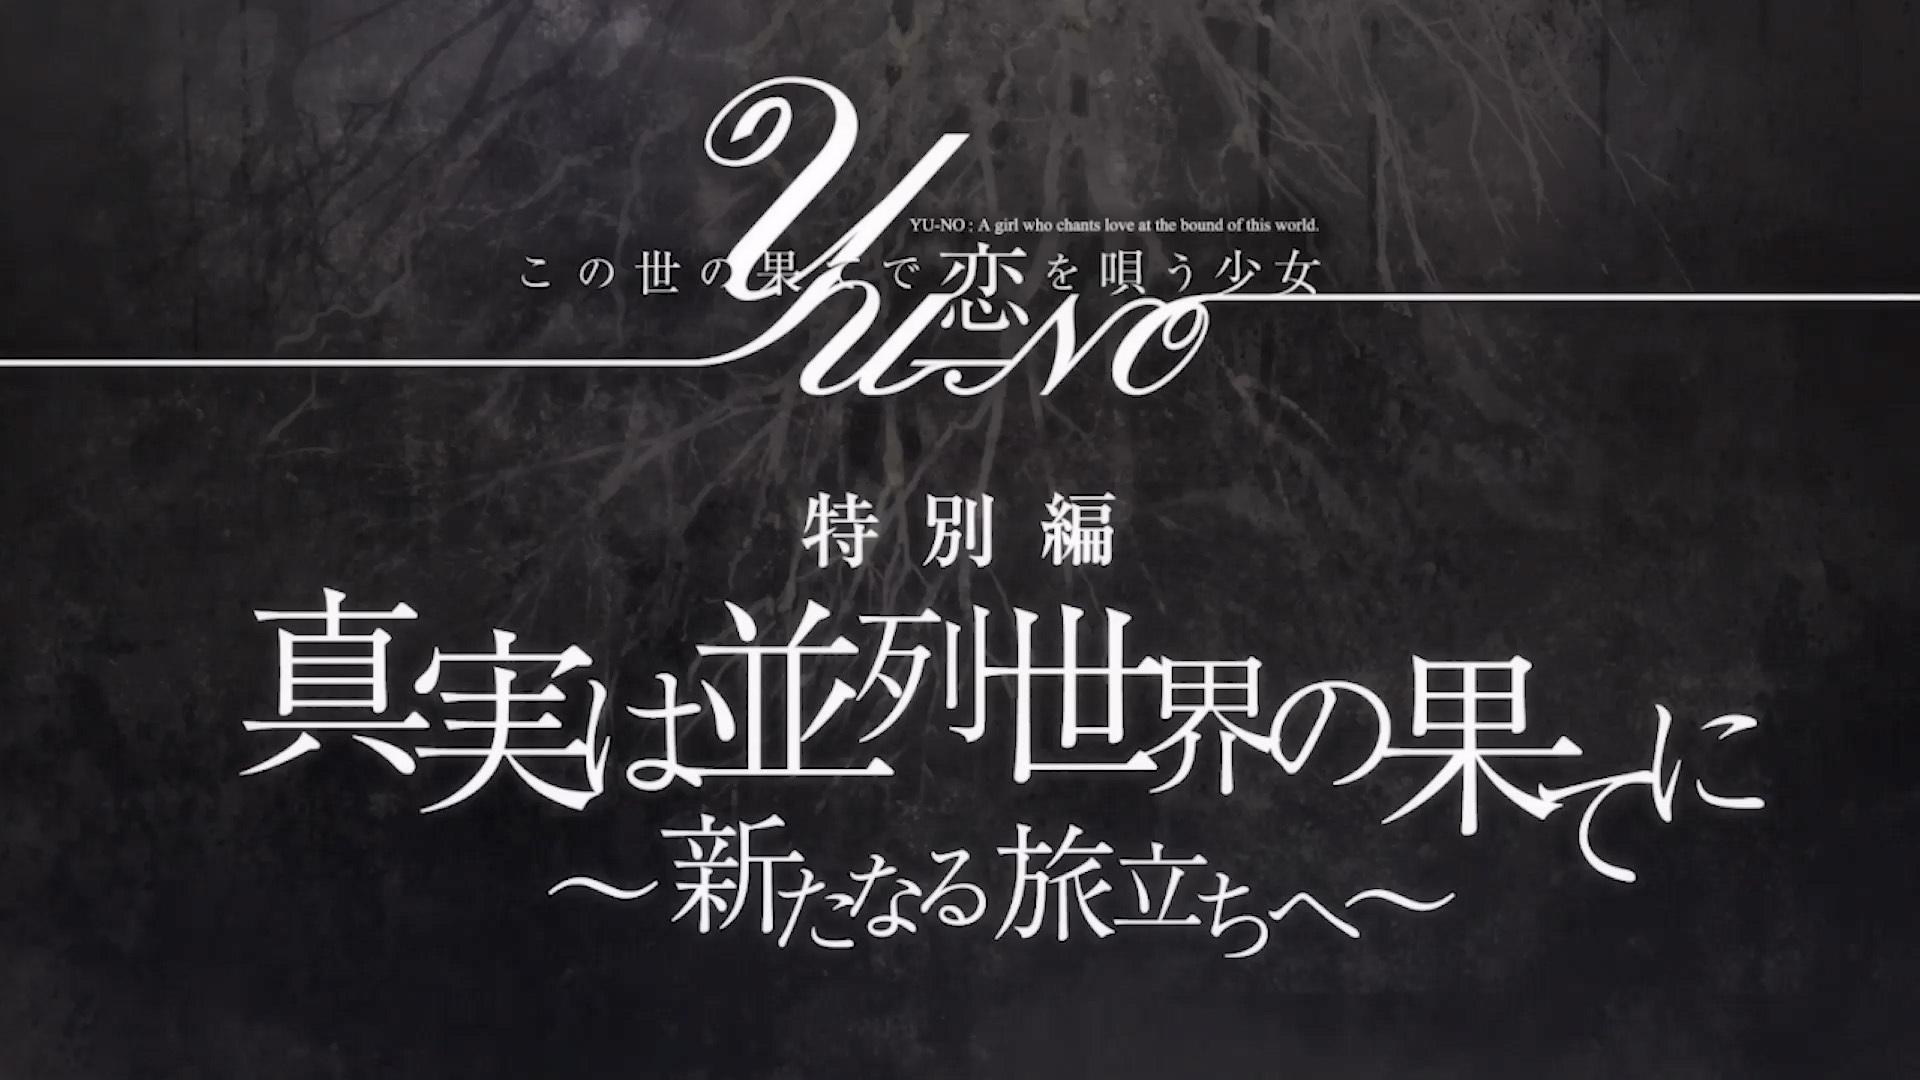 TVアニメ『この果てで恋を唄う少女YU-NO』「特別編」 (C)MAGES./PROJECT YU-NO